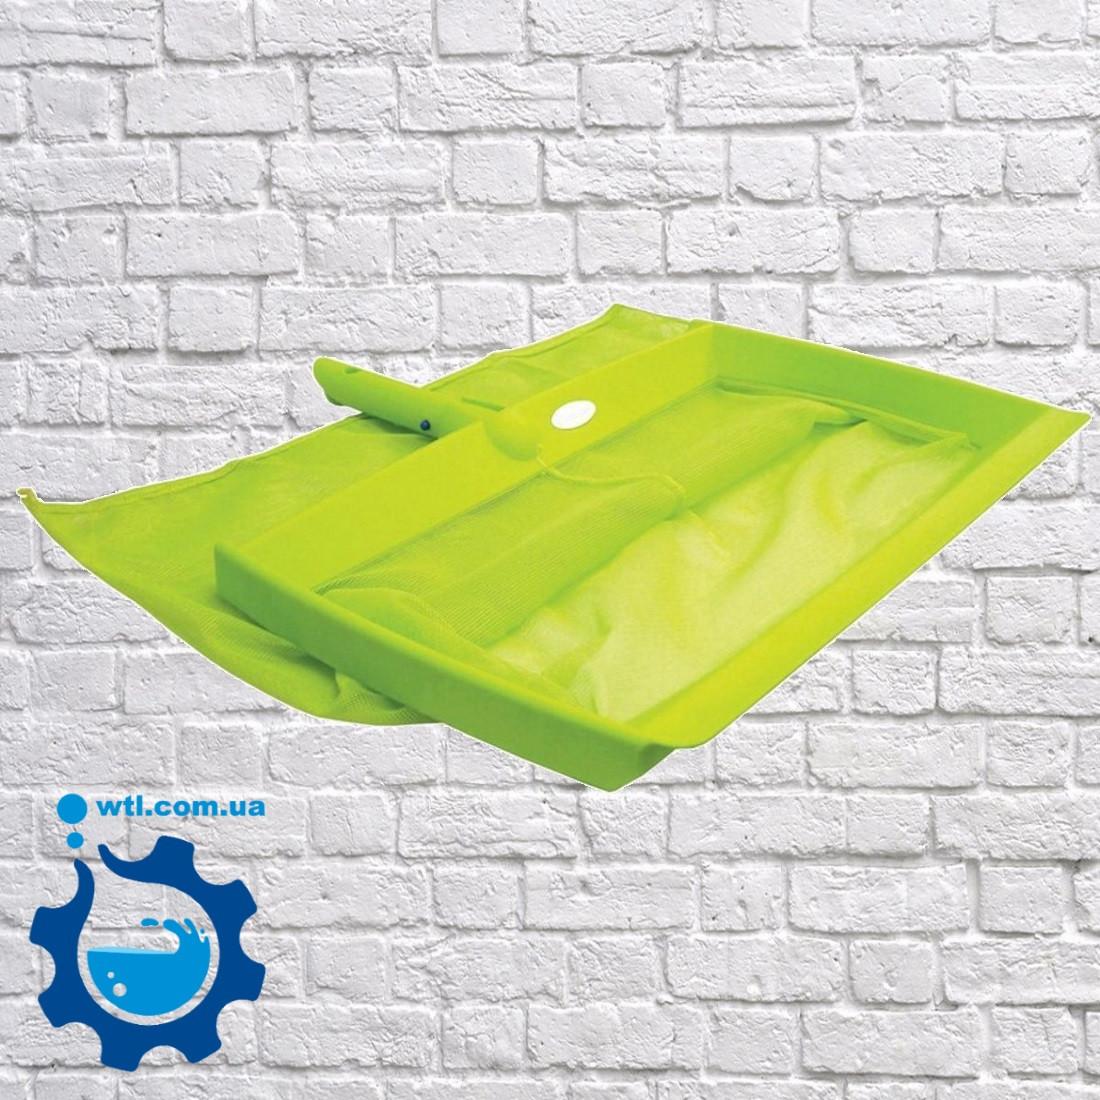 Сачок для бассейна (насадка). Сачок для дна Kokido Design-O K414BU. Аксессуары для чистки бассейна, сачки